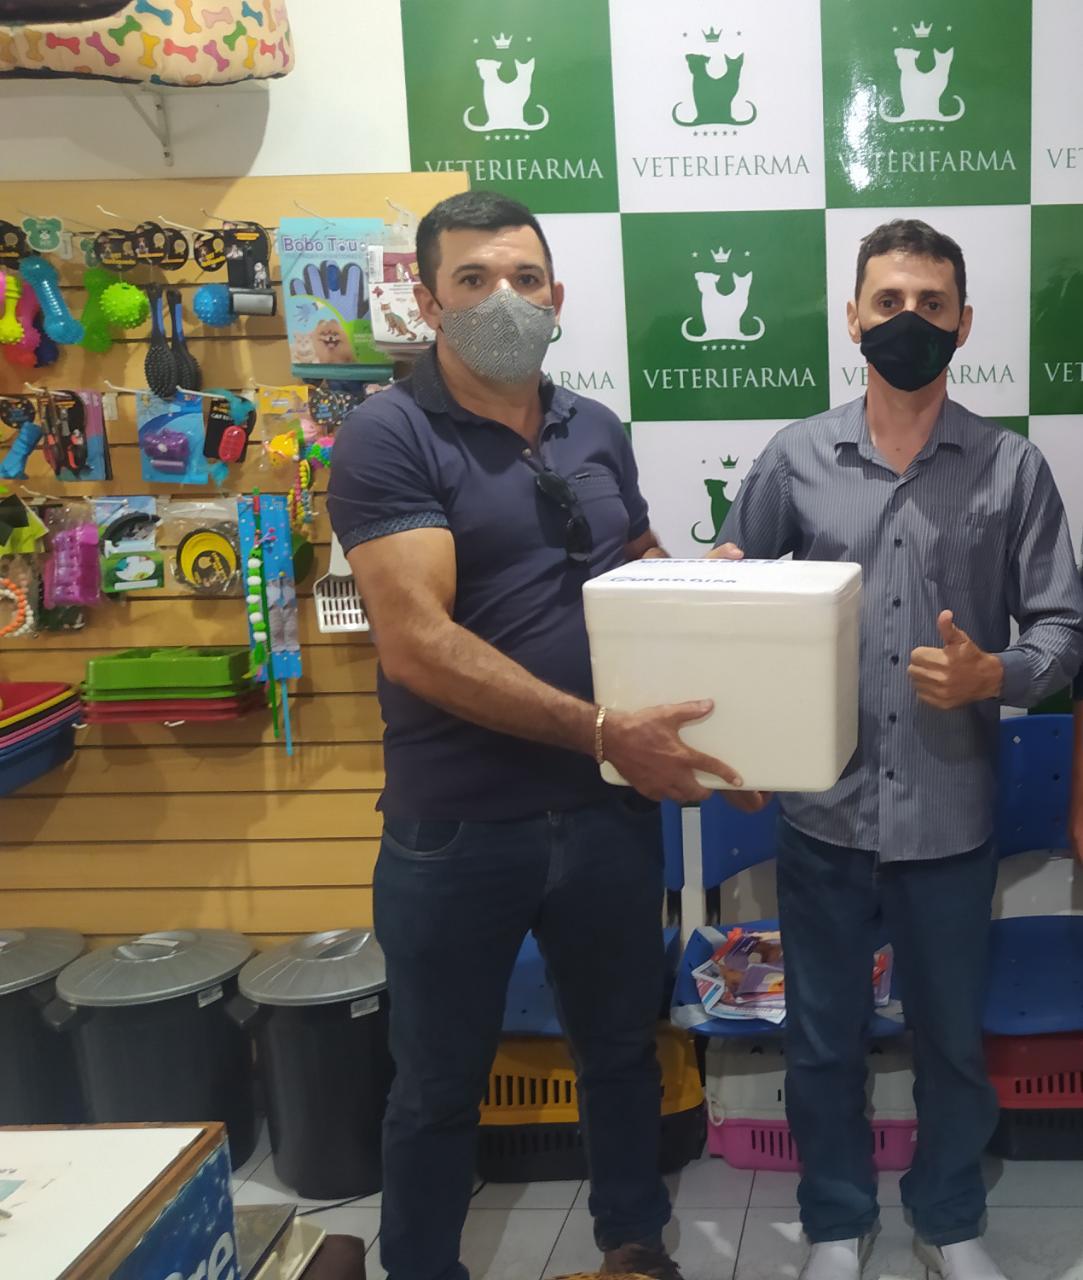 """Prefeitura de Duas Estradas fará doação de vacinas contra a """"Febre Aftosa"""" para pequenos produtores de rebanho"""